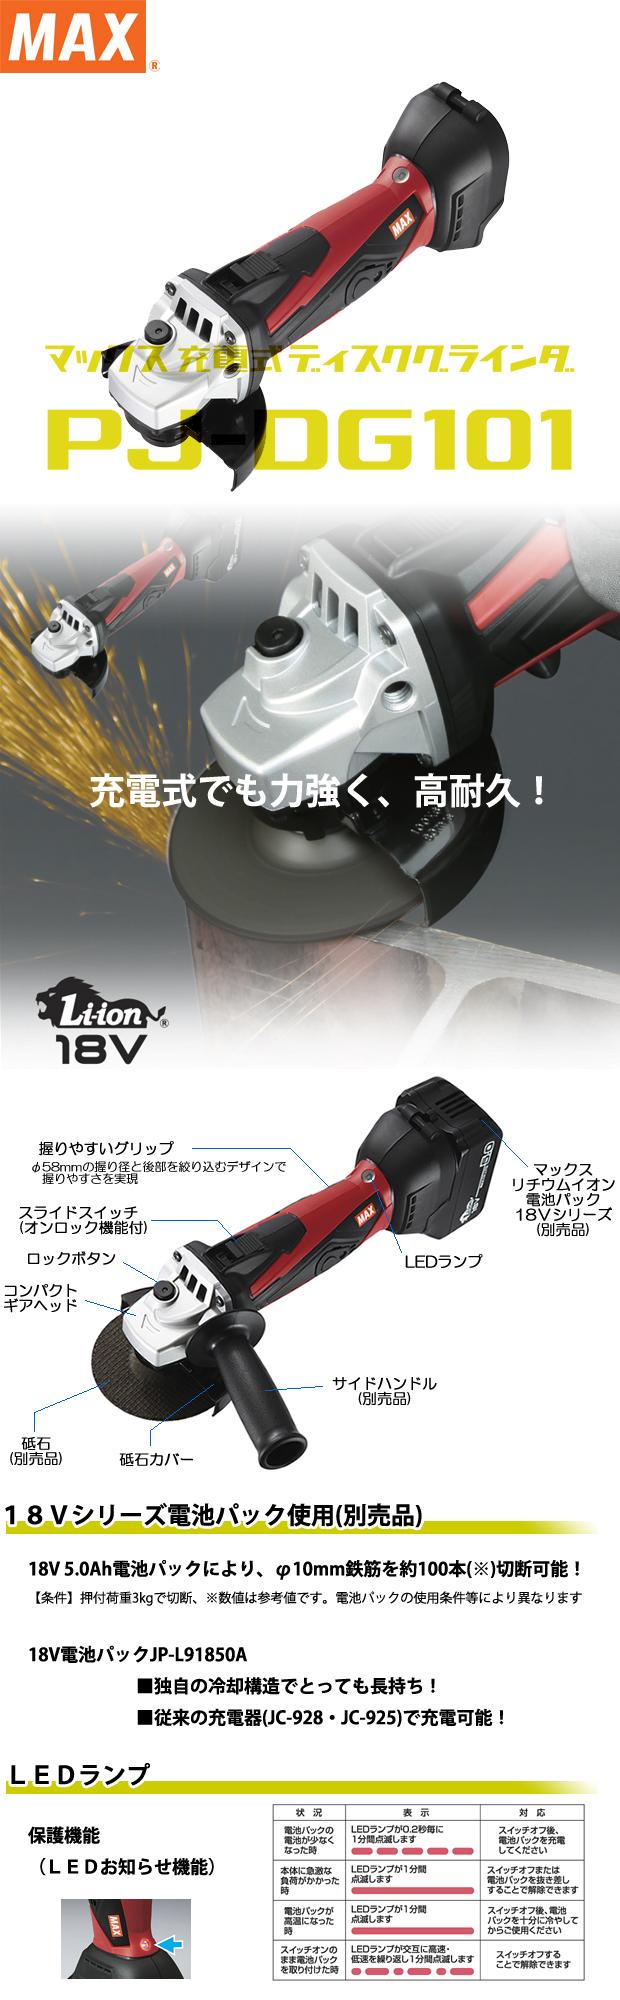 マックス 18V充電式ディスクグラインダ PJ-DG101